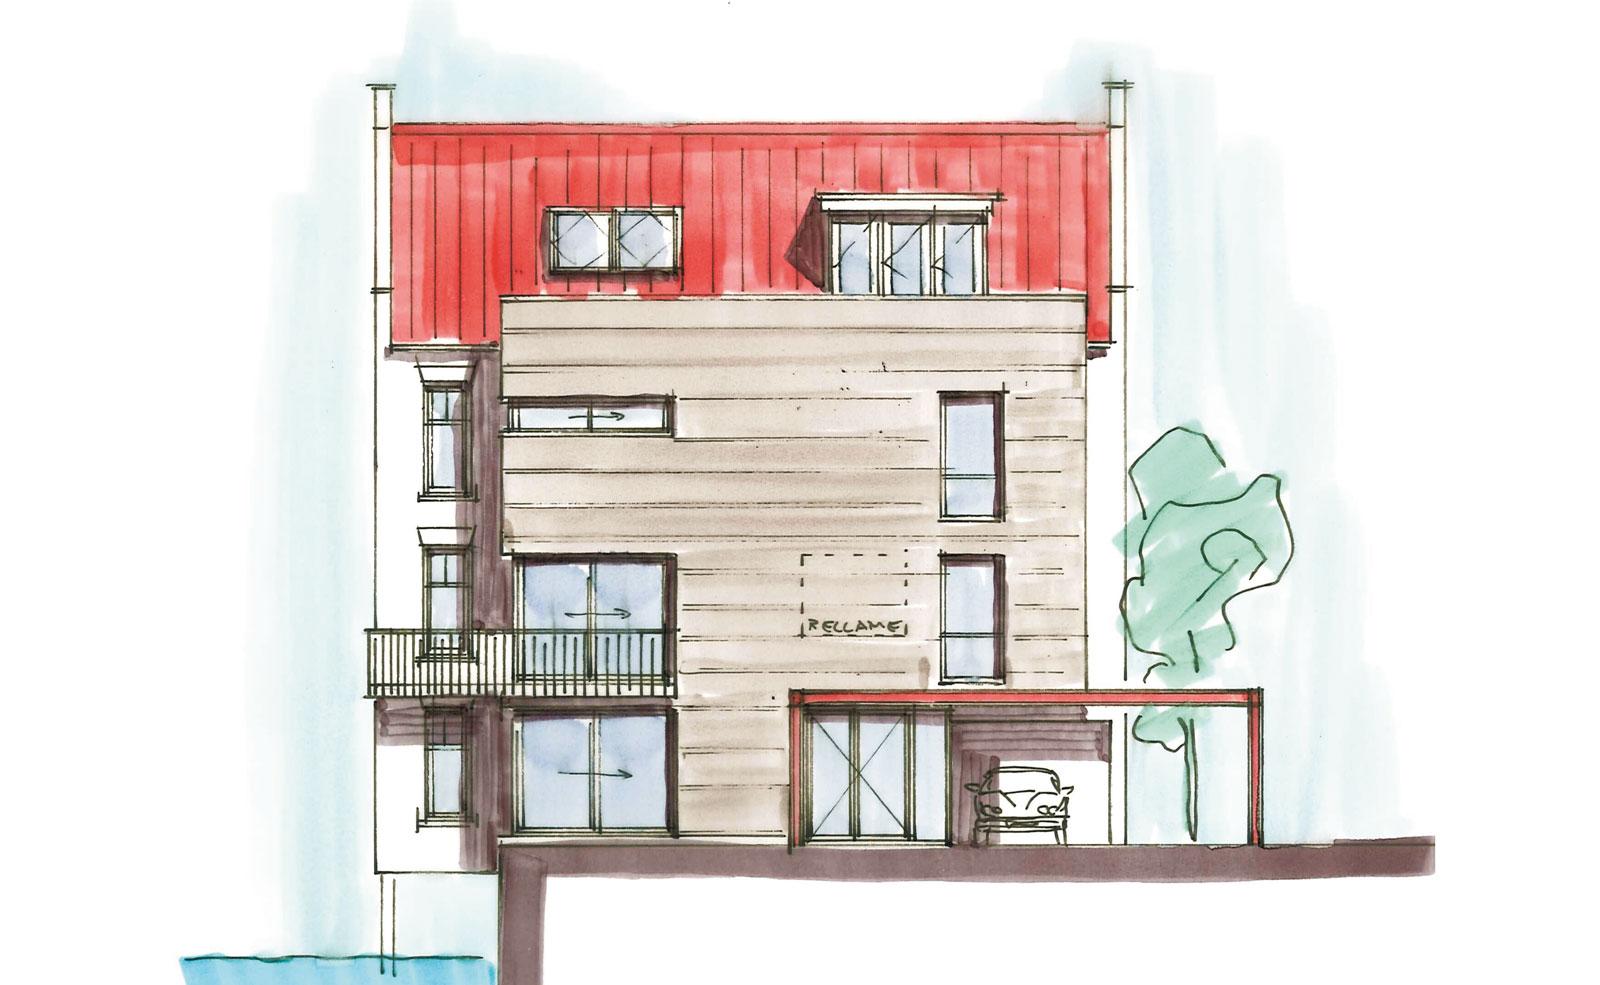 schets langsgevel - woning met praktijkruimte Ooievaarsteeg Schiedam